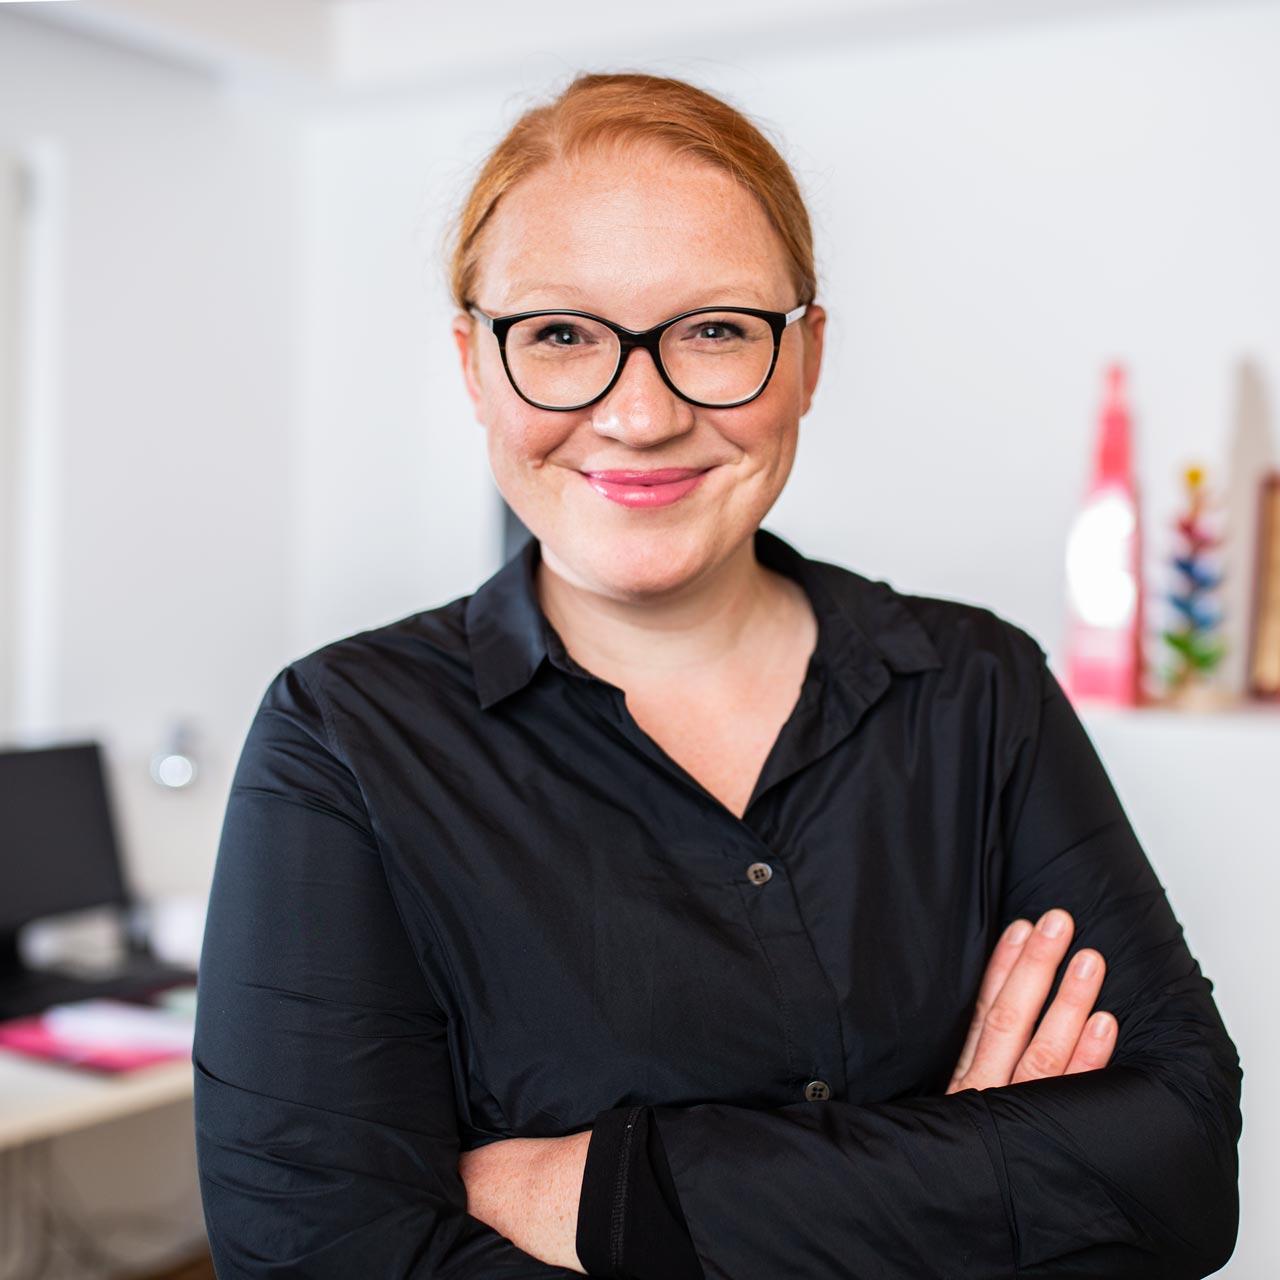 Agata Nörenberg